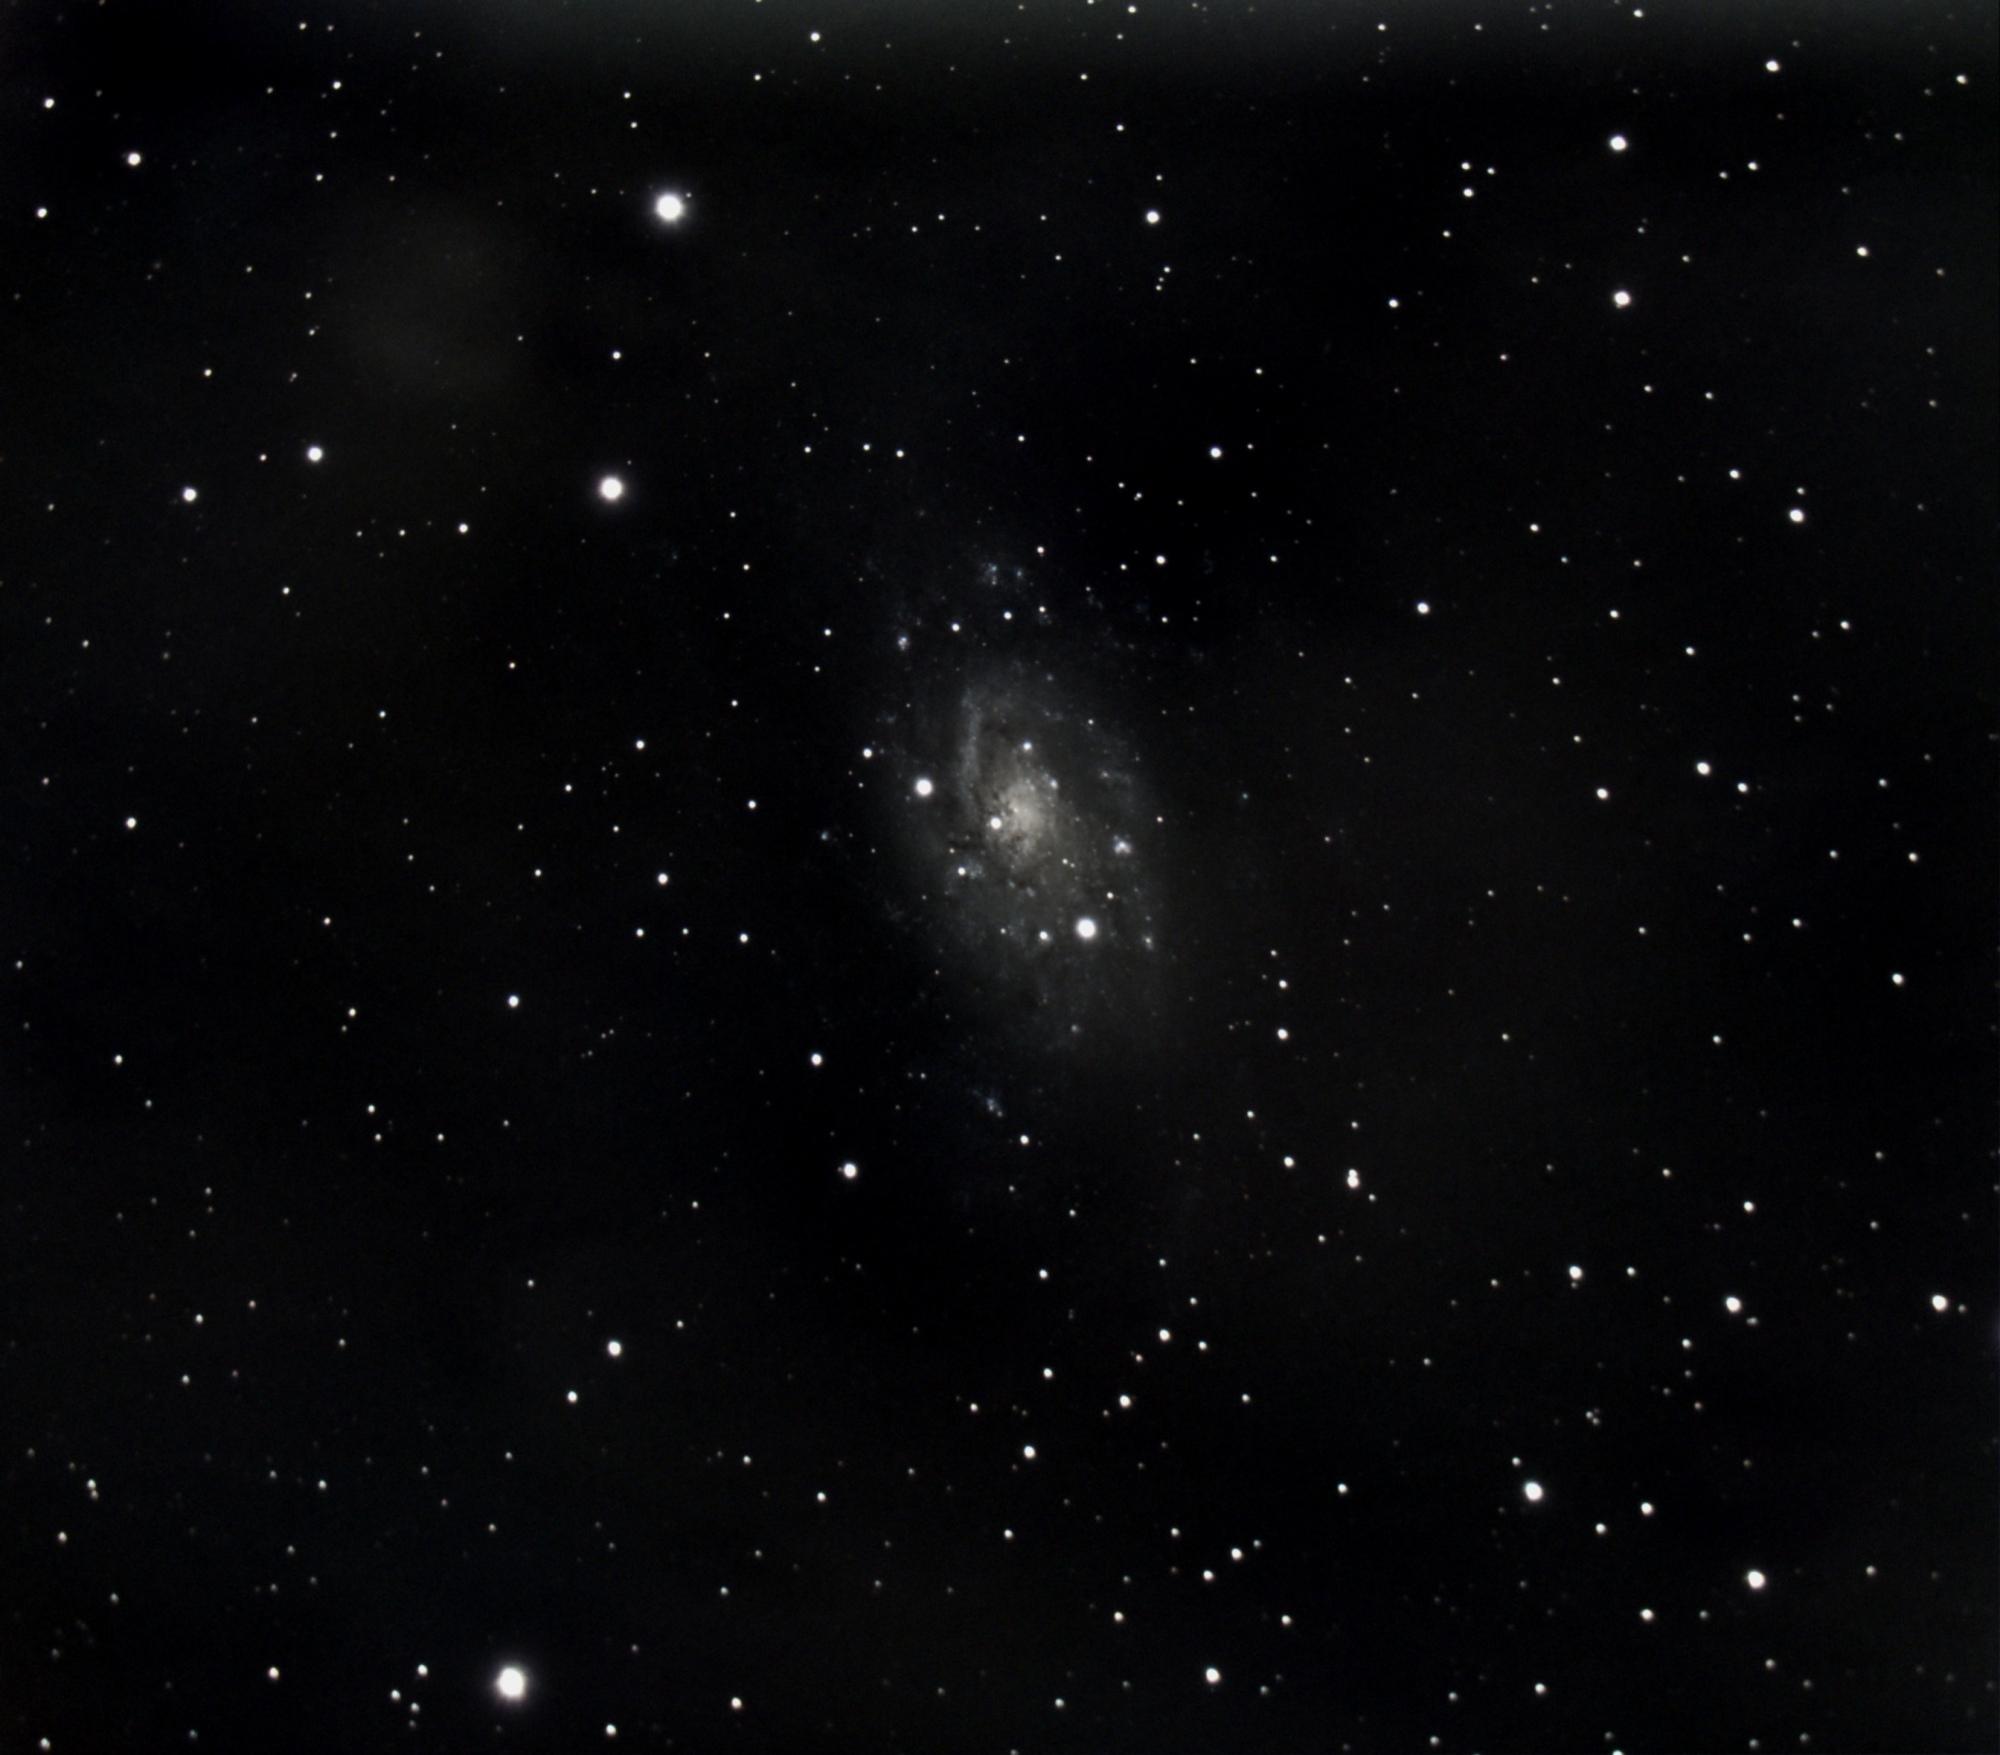 NGC2403-V3_RGB-finale.thumb.jpg.e5e0088c025300b5a5ef61b360c1fc3f.jpg